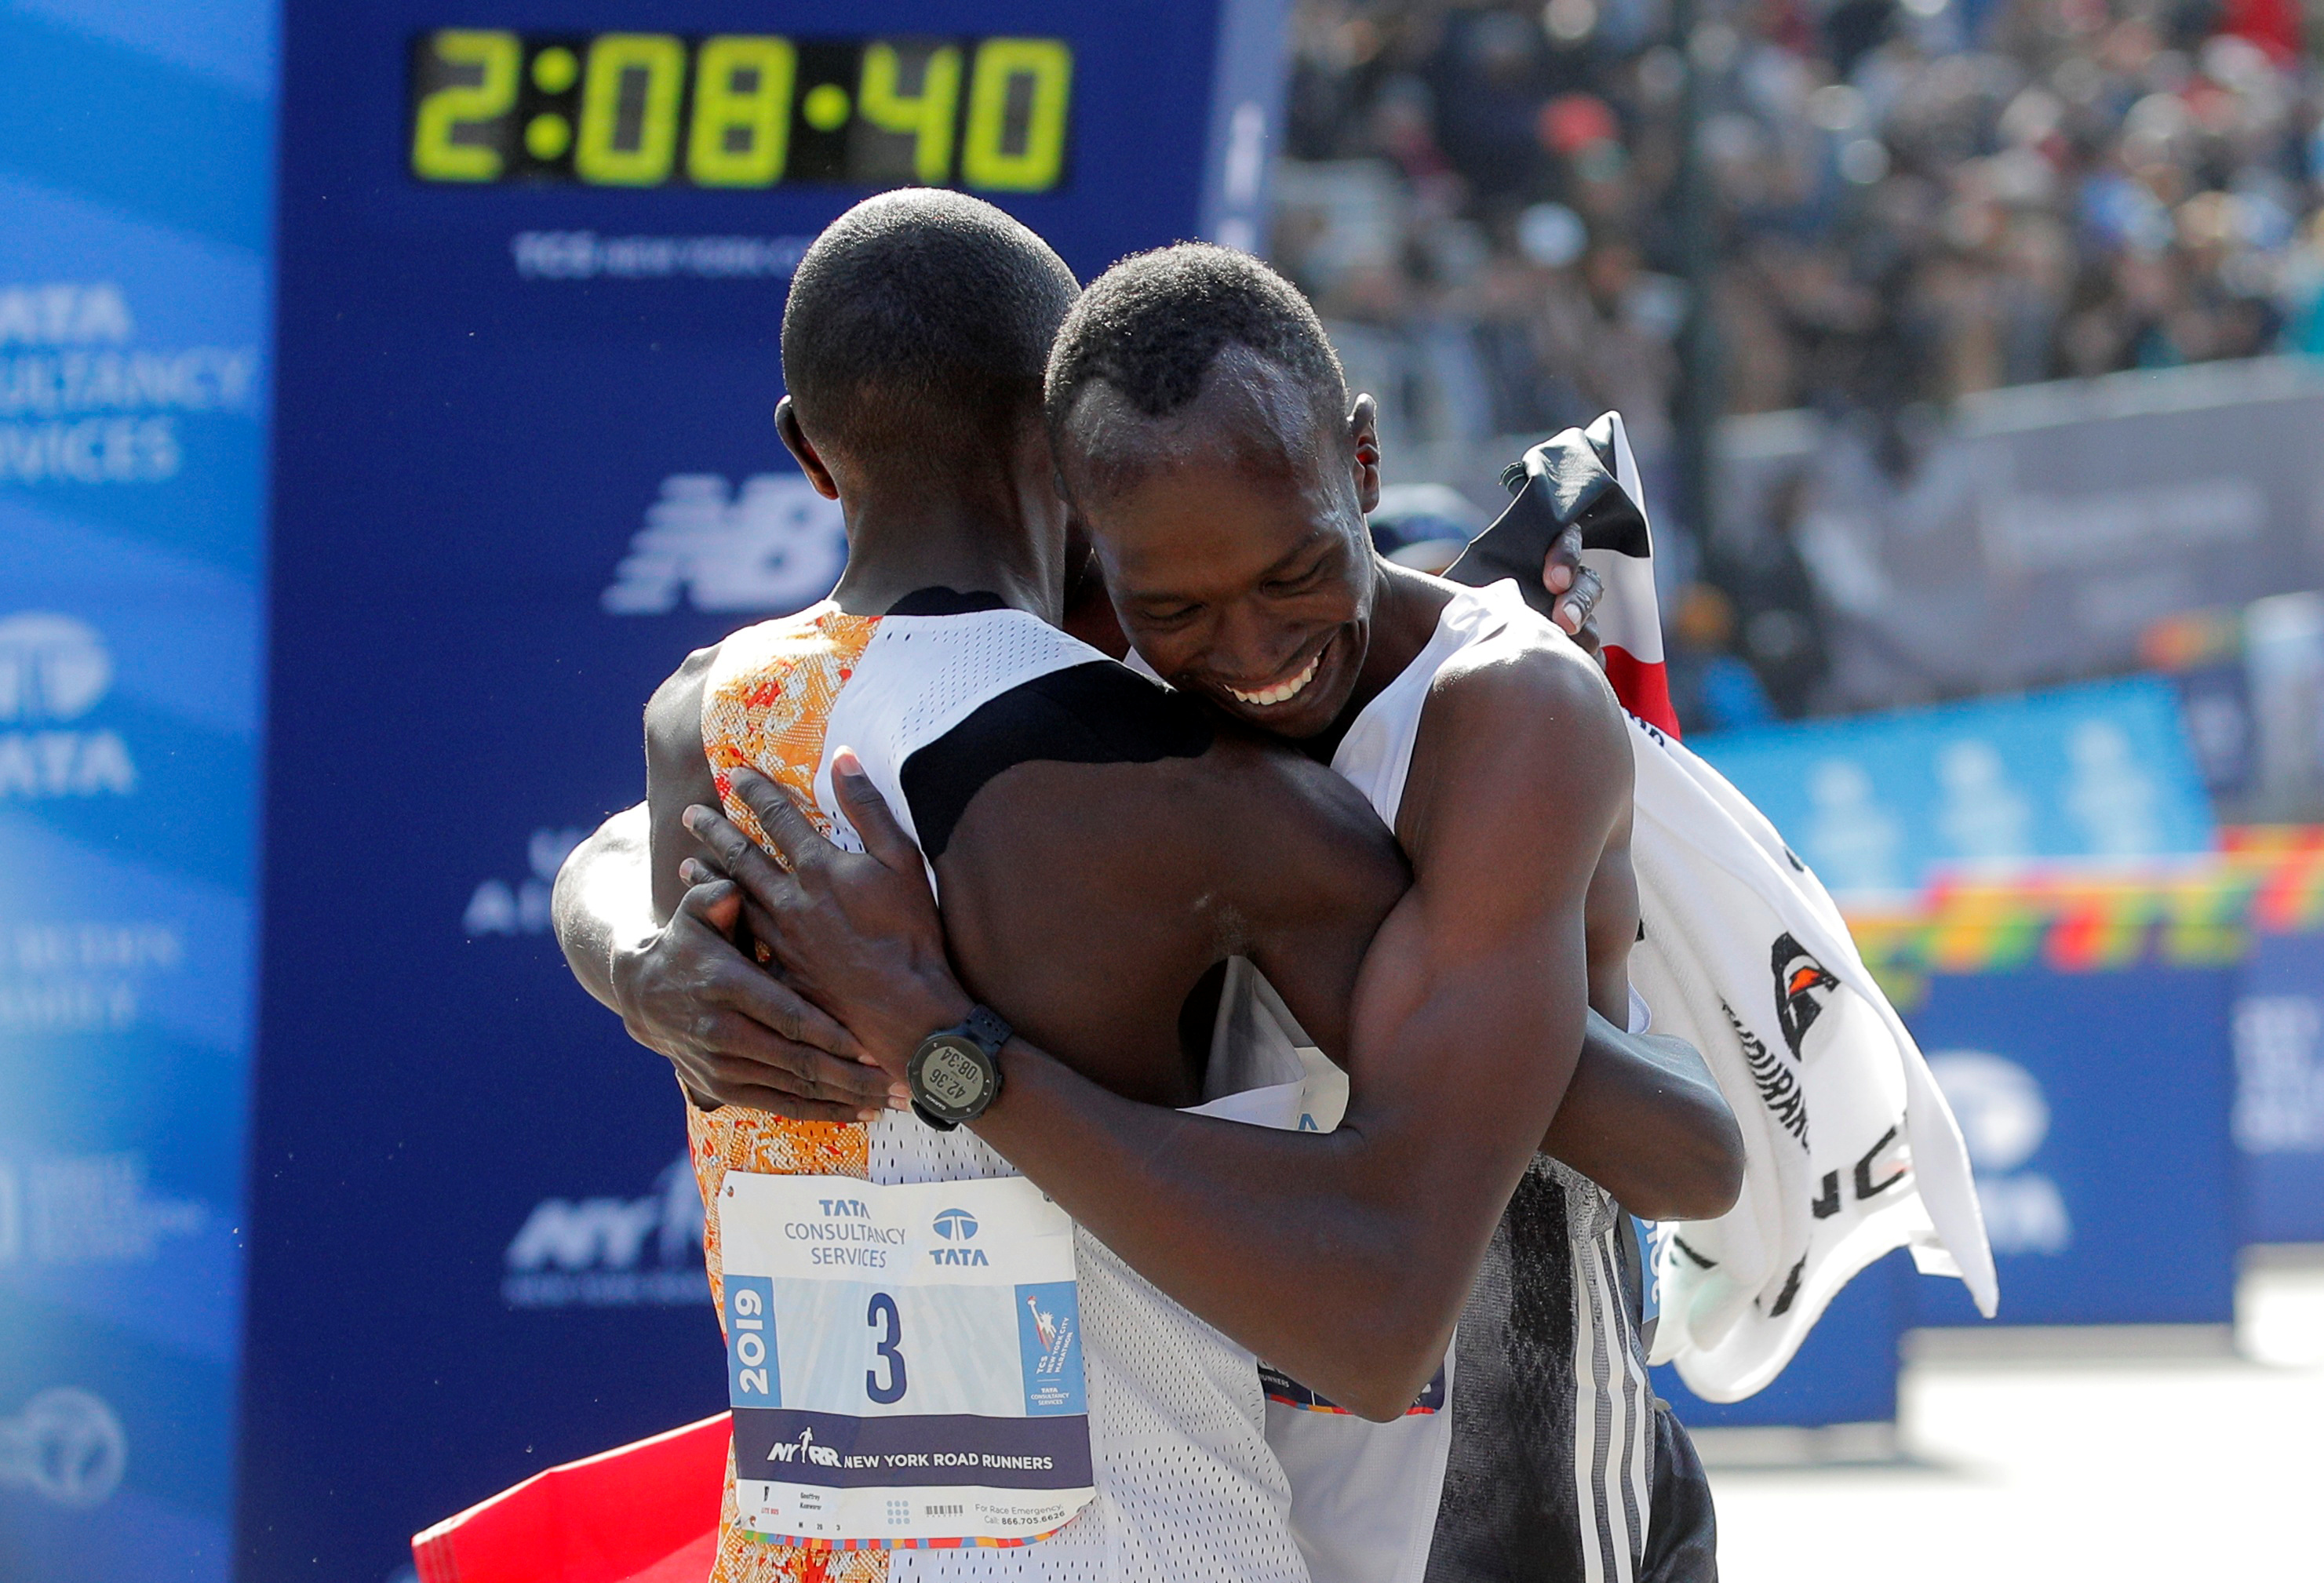 El abrazo de los dos kenianos más rápidos de Nueva York